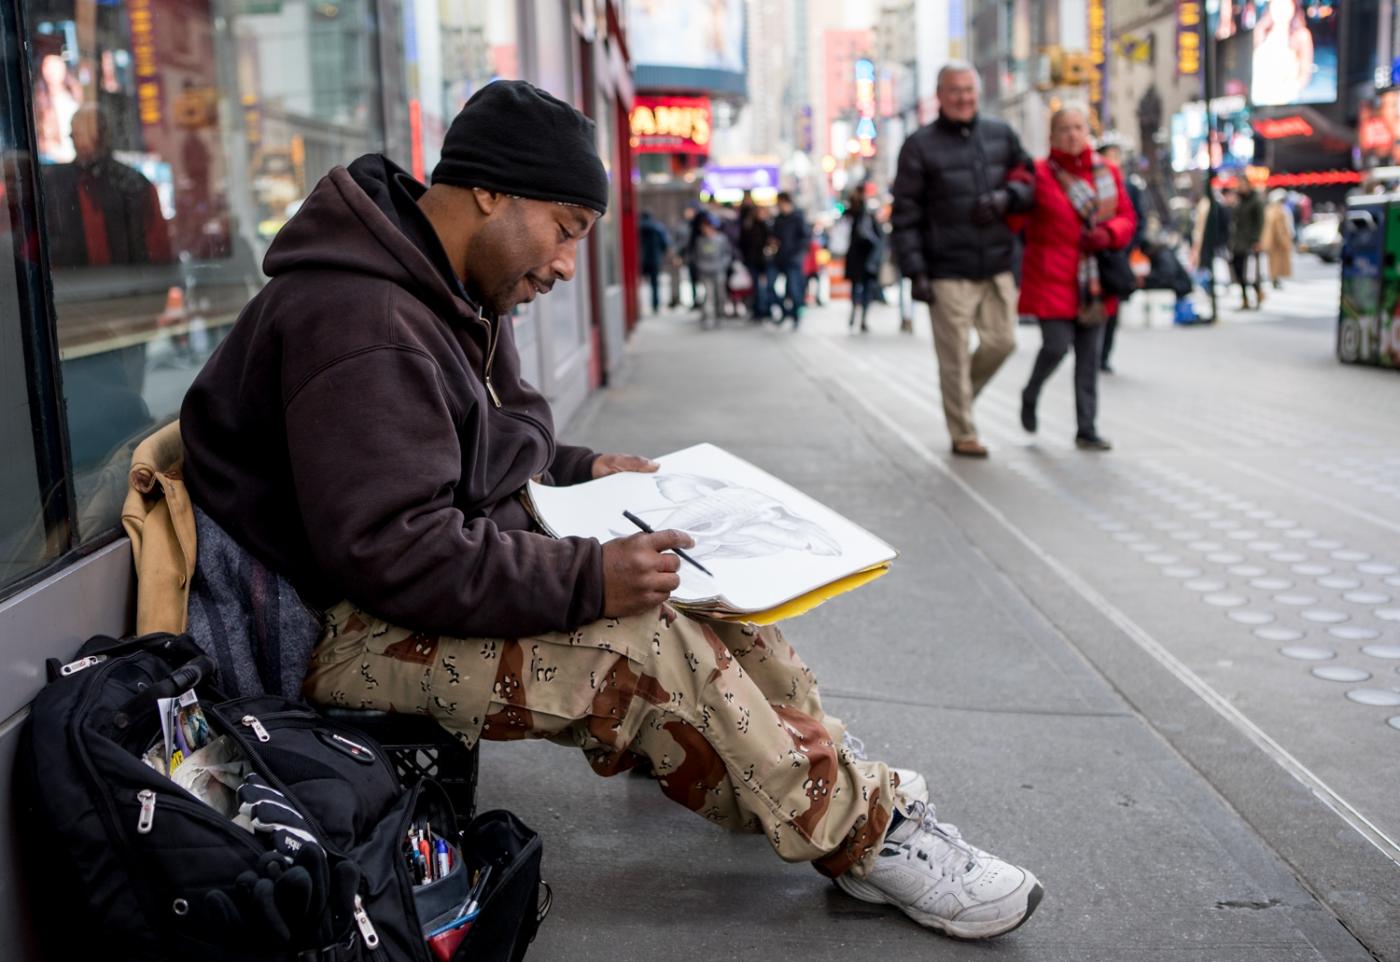 紐約時代廣場旁一位流浪畫家161213_图1-7